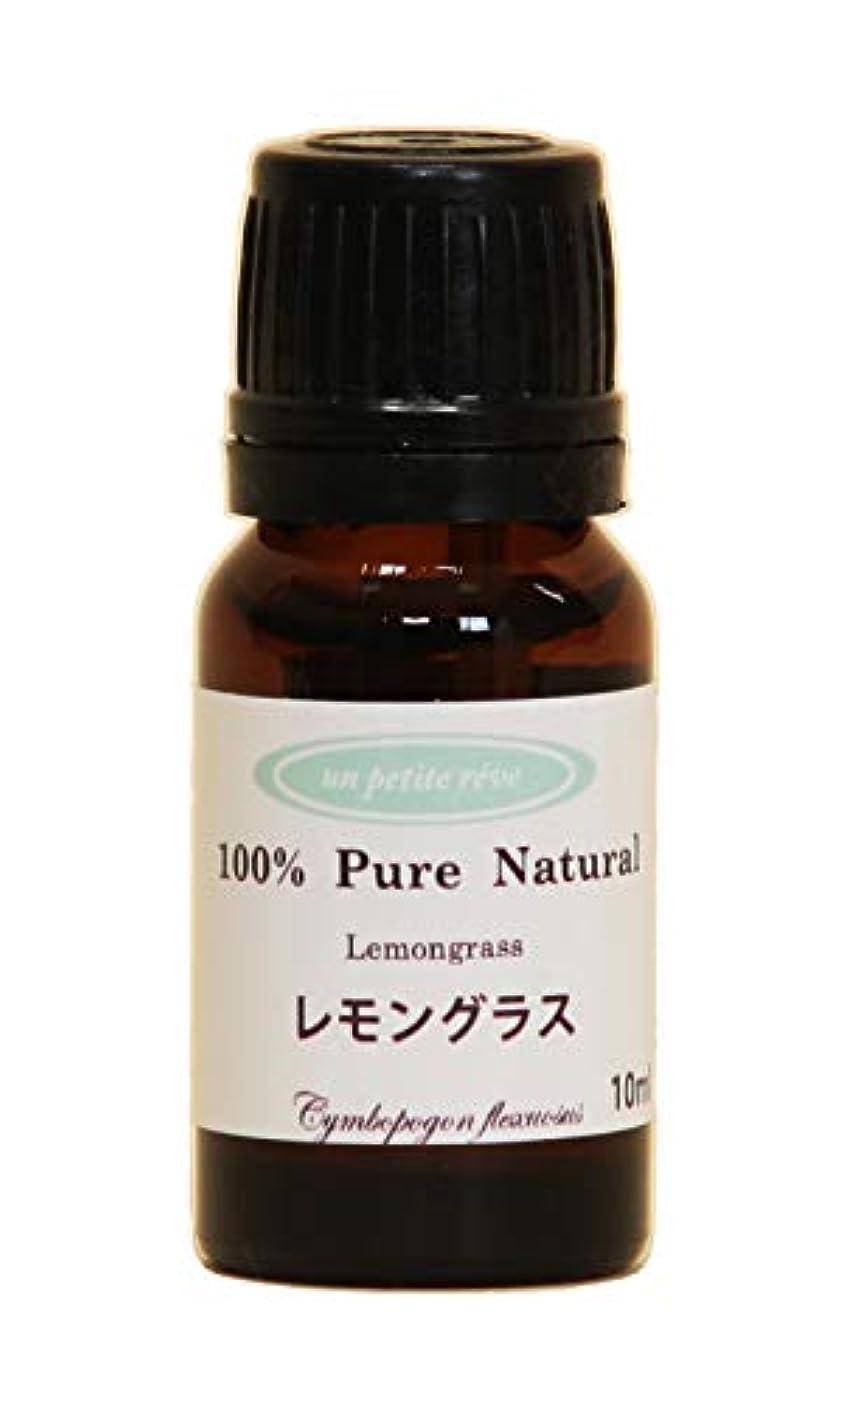 抵抗力があるキャンペーンクリープレモングラス 10ml 100%天然アロマエッセンシャルオイル(精油)